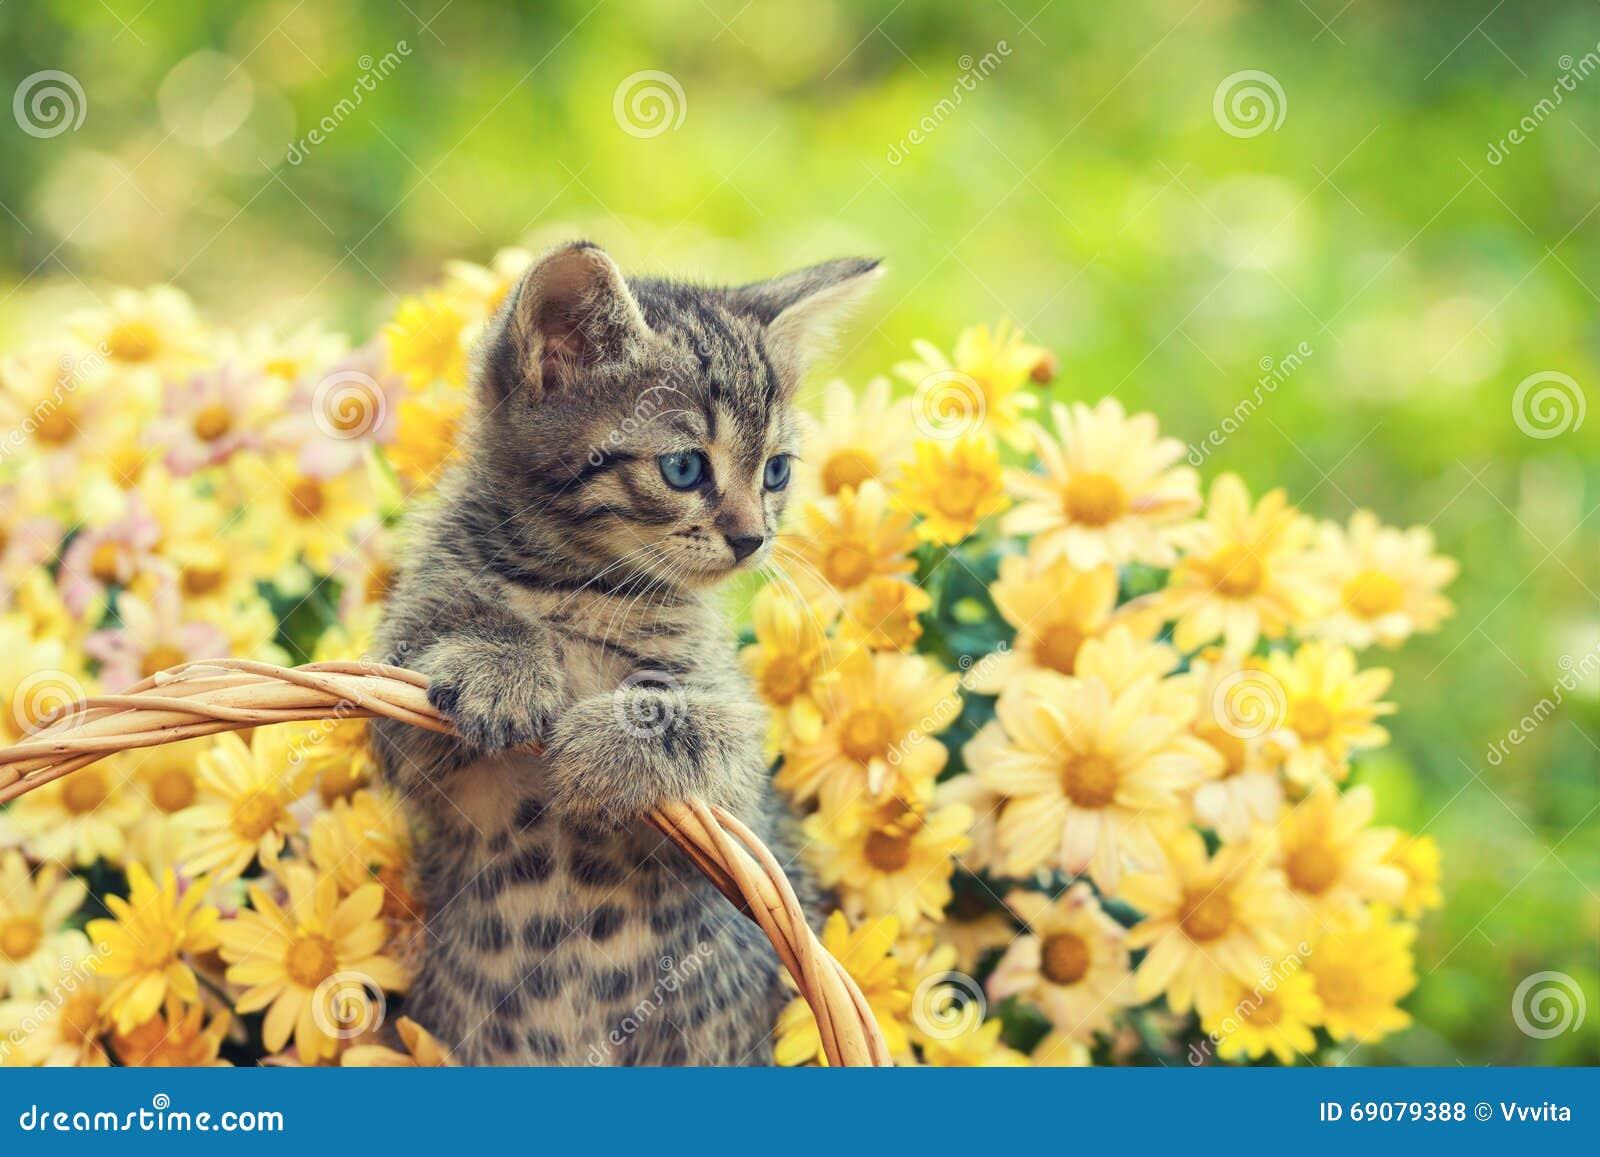 Chaton dans le jardin avec des fleurs photo stock image for Le jardin des fleurs strasbourg